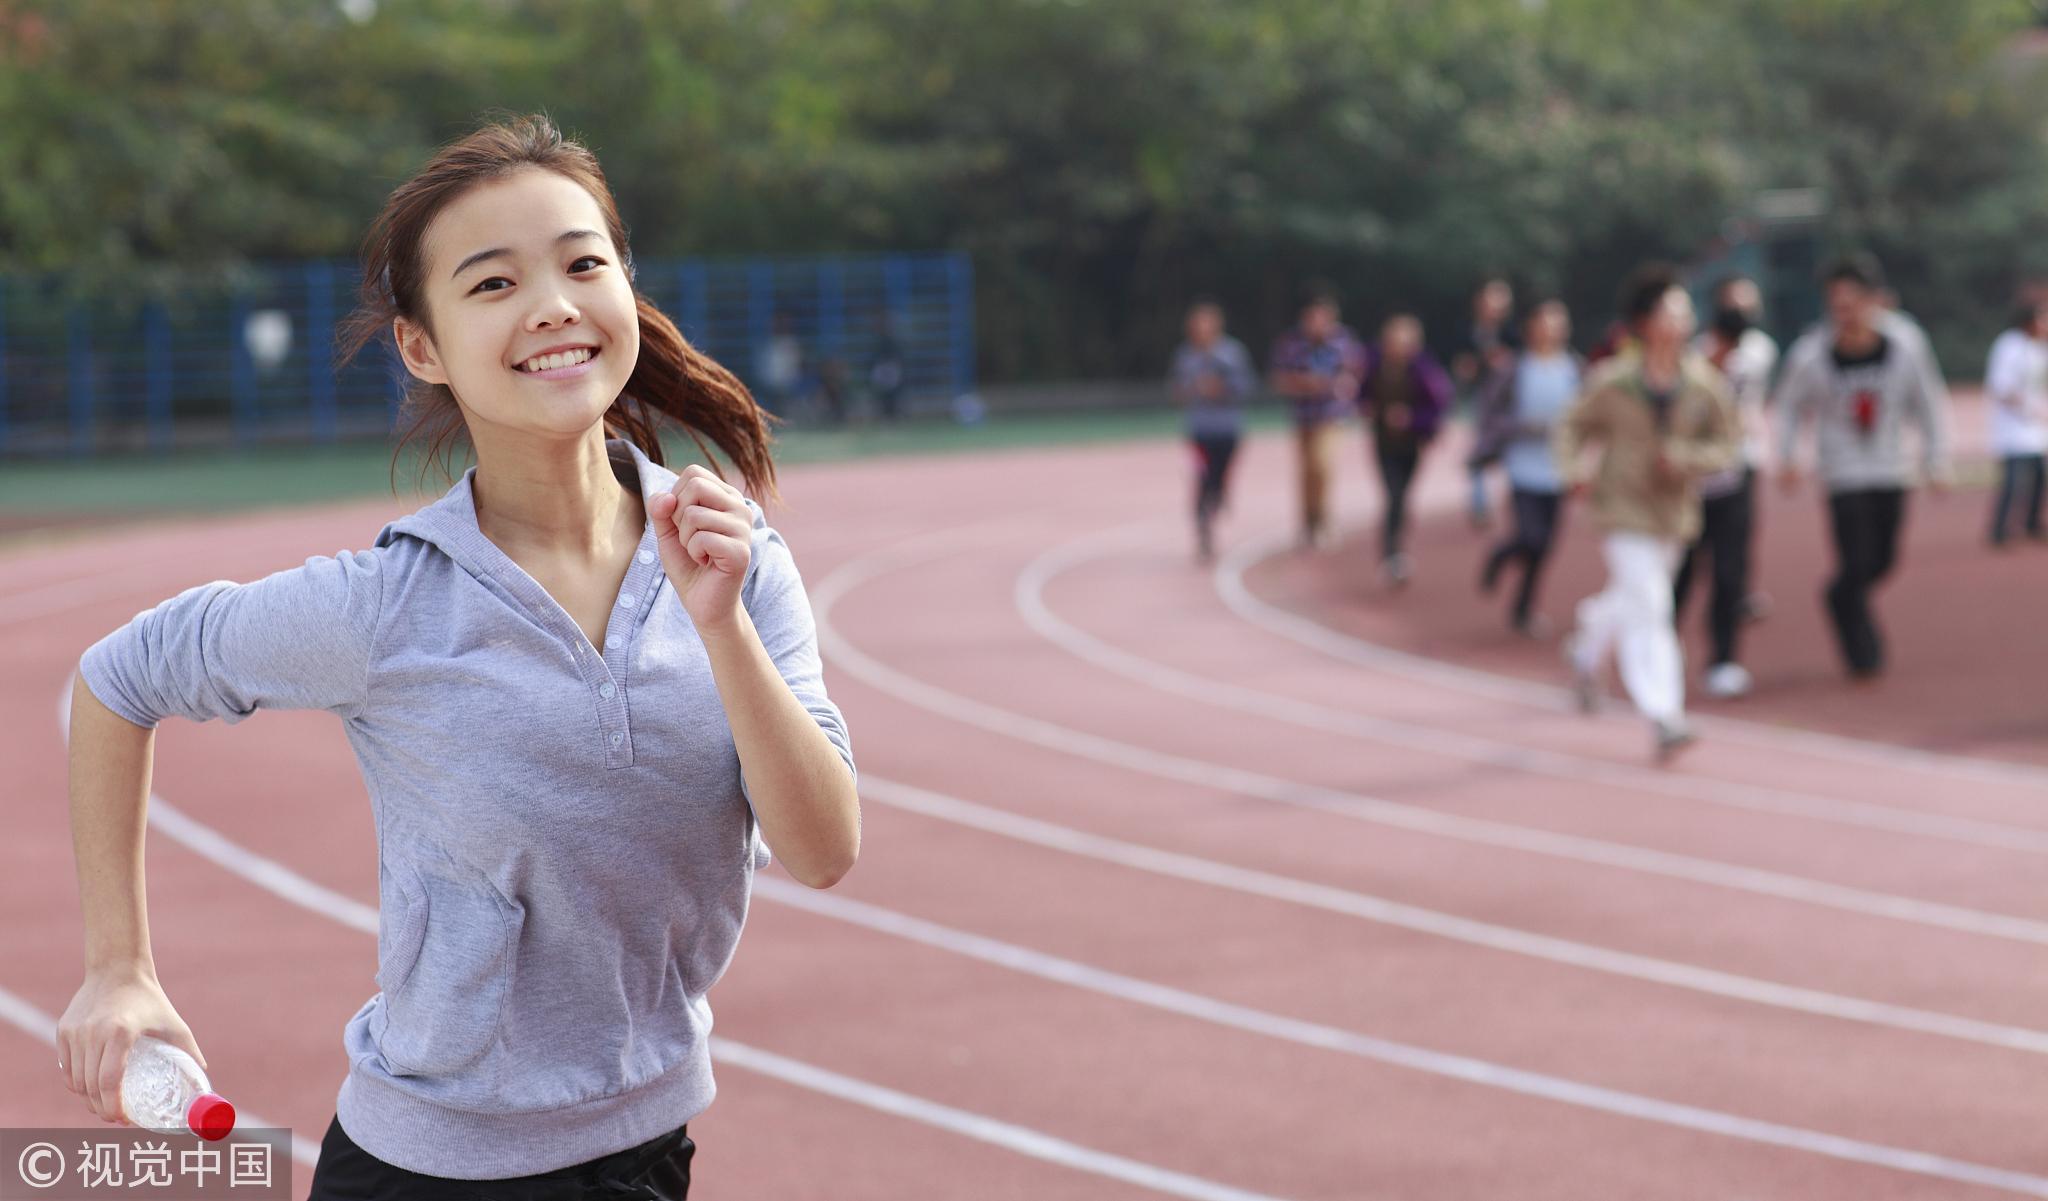 北京中考体育考试方案出台 体质健康将计入成绩